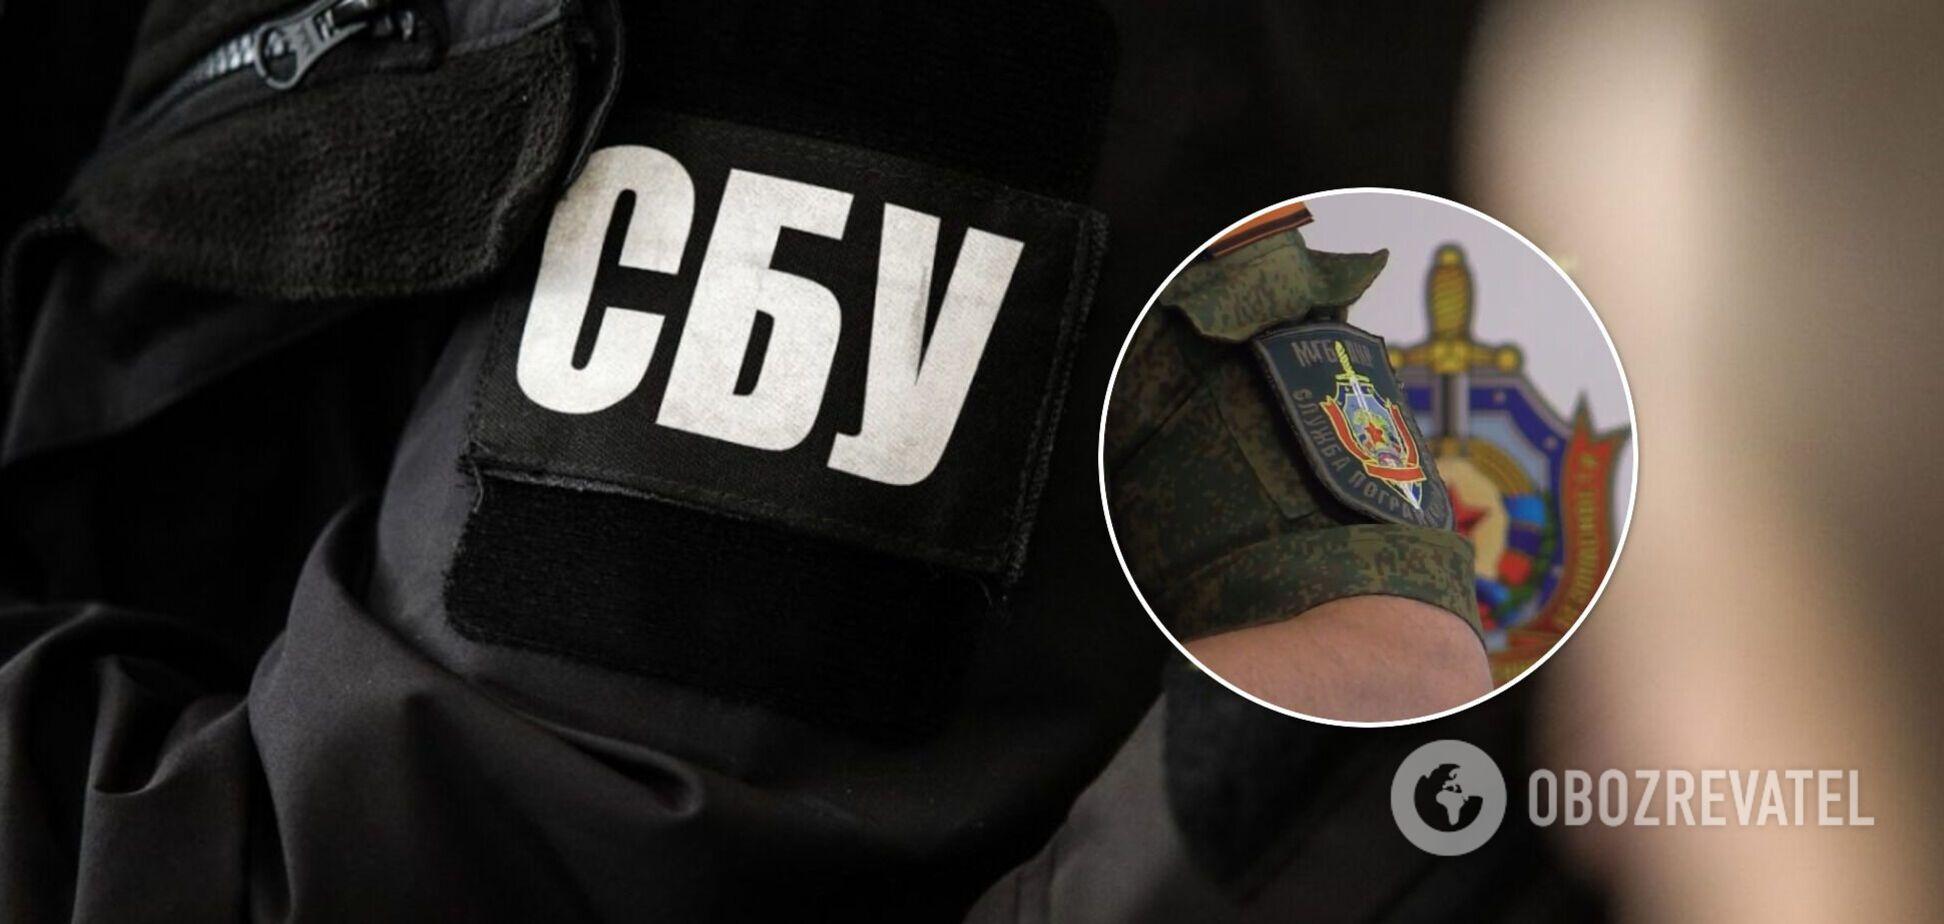 СБУ поймала террориста 'ЛНР'